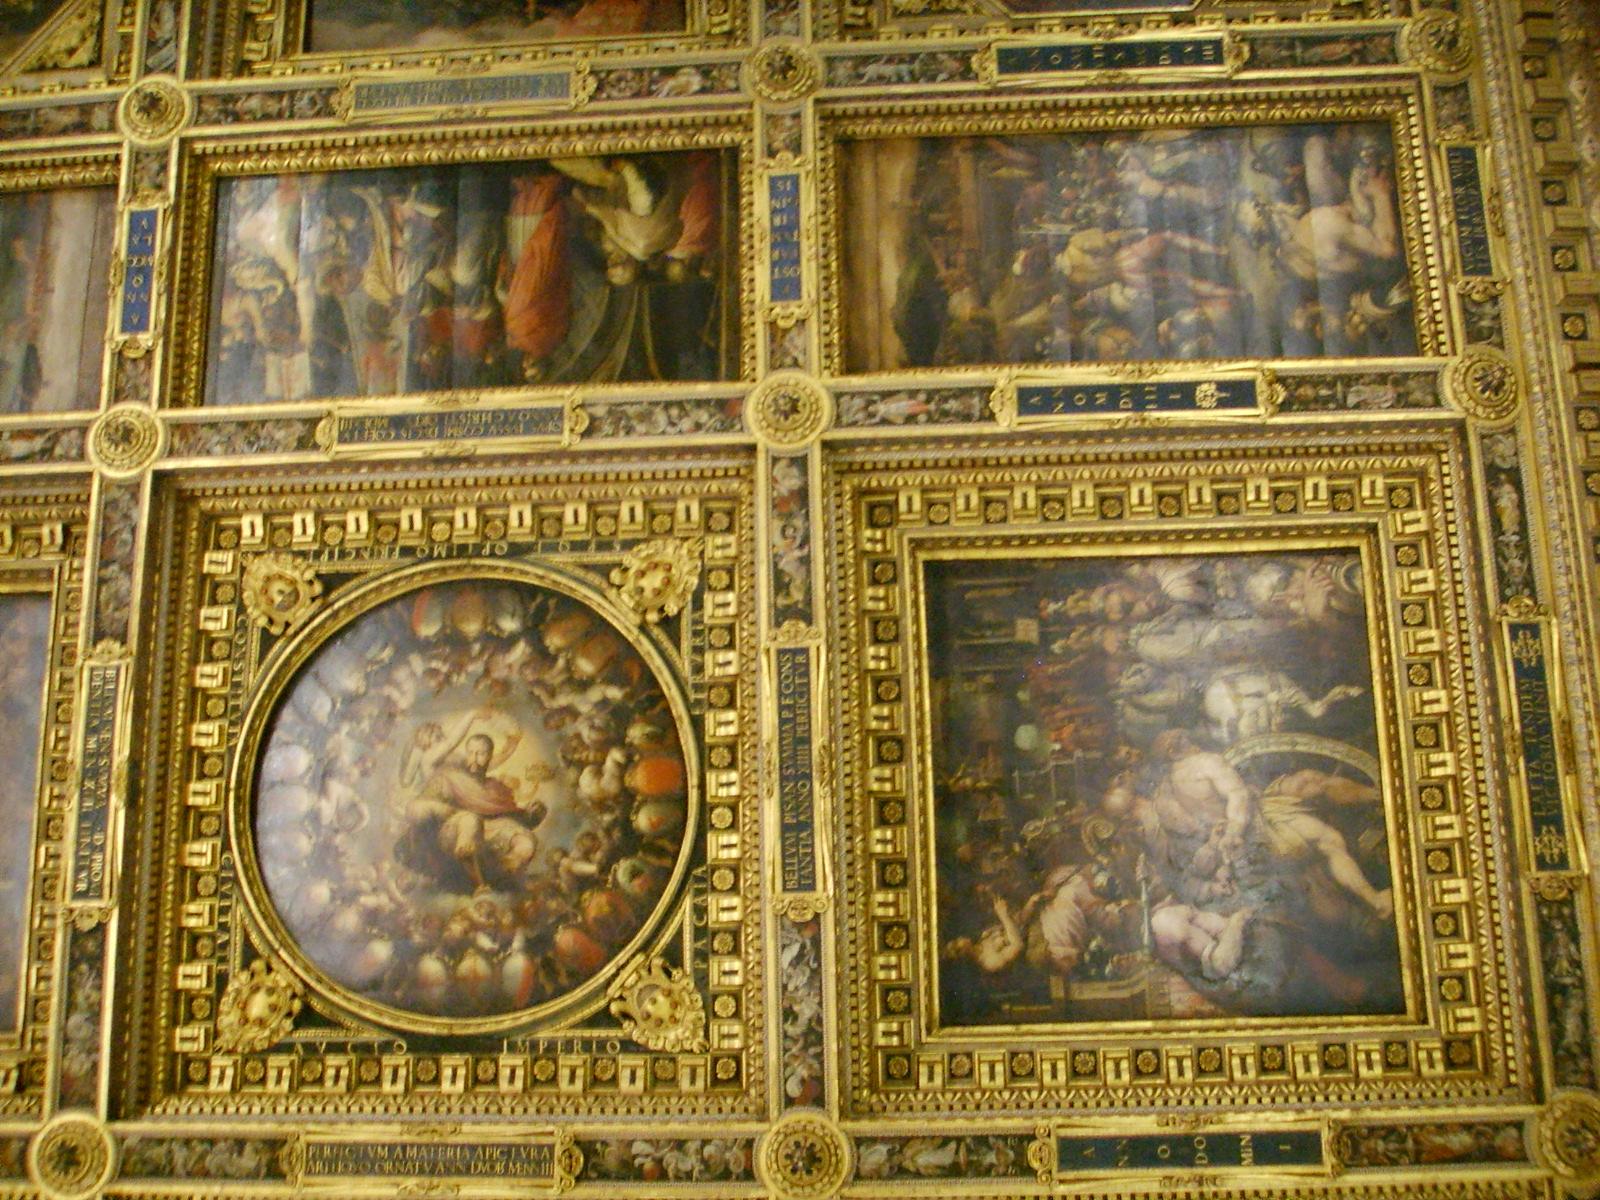 File:Palazzo vecchio, salone dei 500 soffitto 06.JPG - Wikimedia Commons